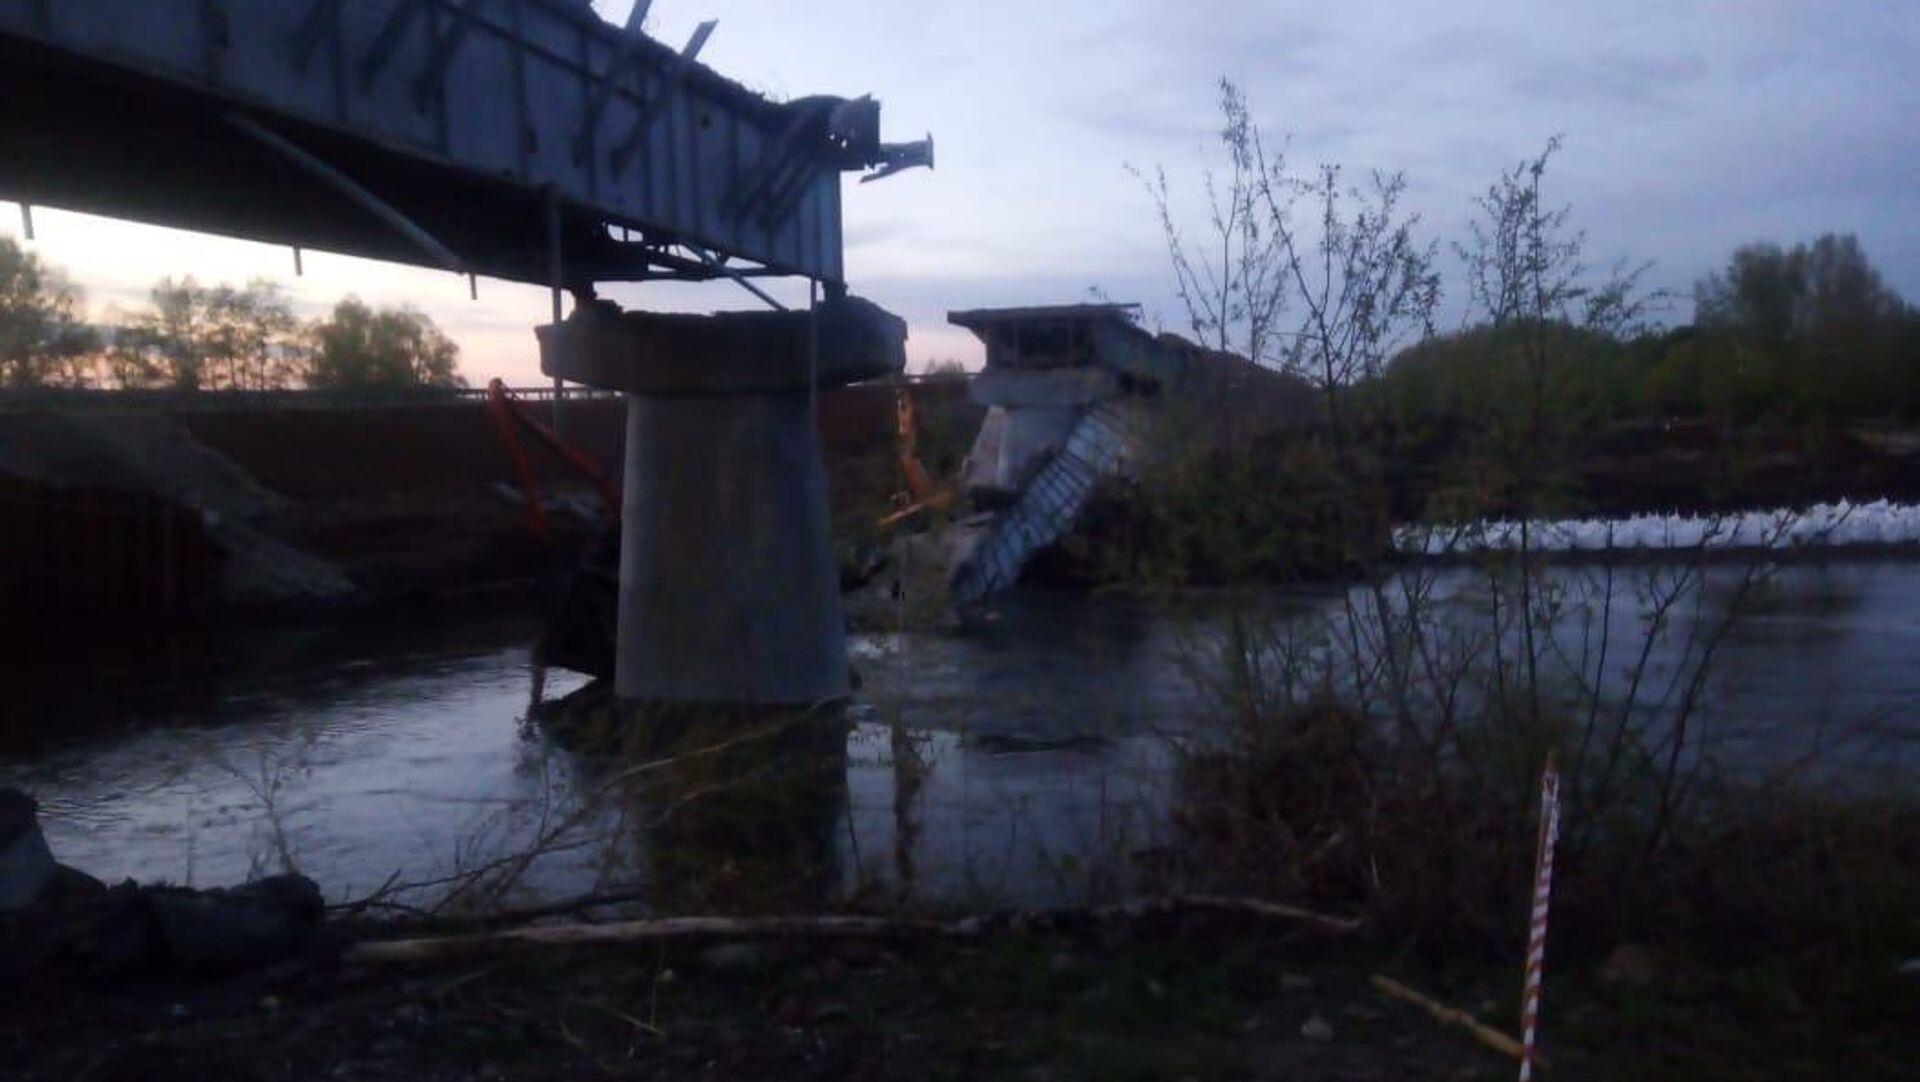 При проведении плановых ремонтных работ, произошло обрушение пролета моста через реку Салмыш в Оренбургской области - РИА Новости, 1920, 07.05.2021